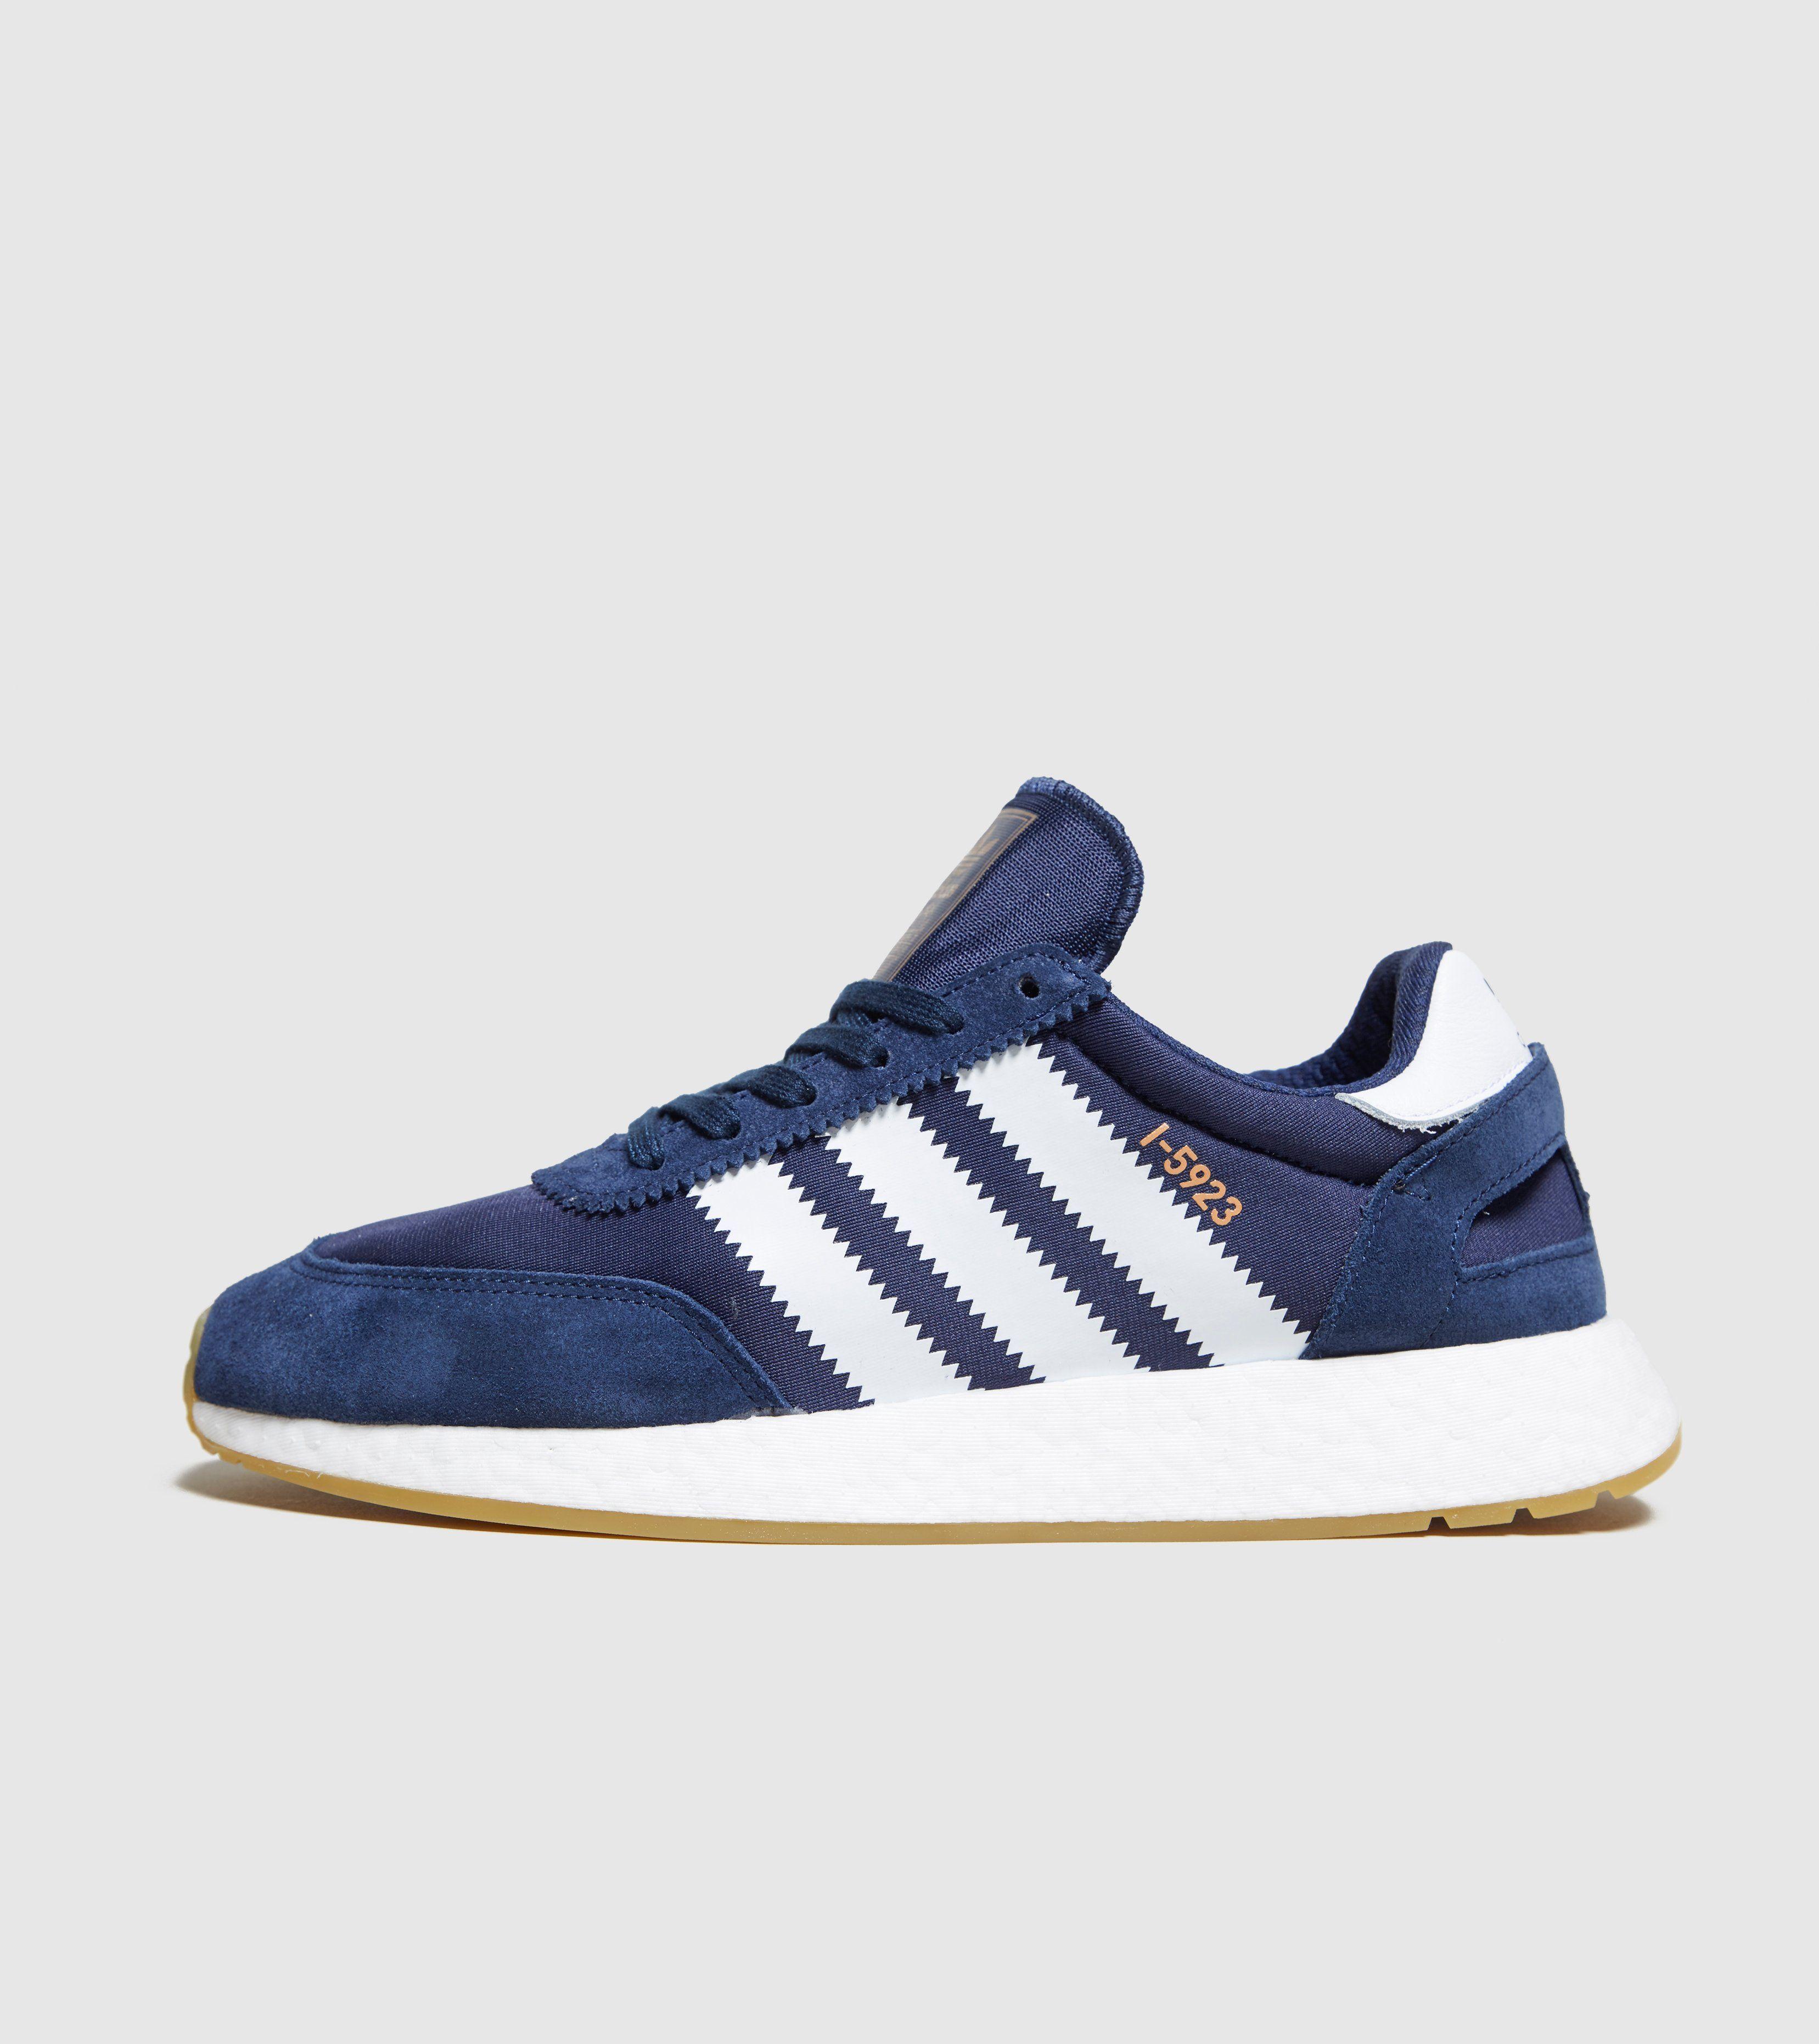 buy popular f7b71 19ca7 adidas Originals Iniki Runner Boost   Size